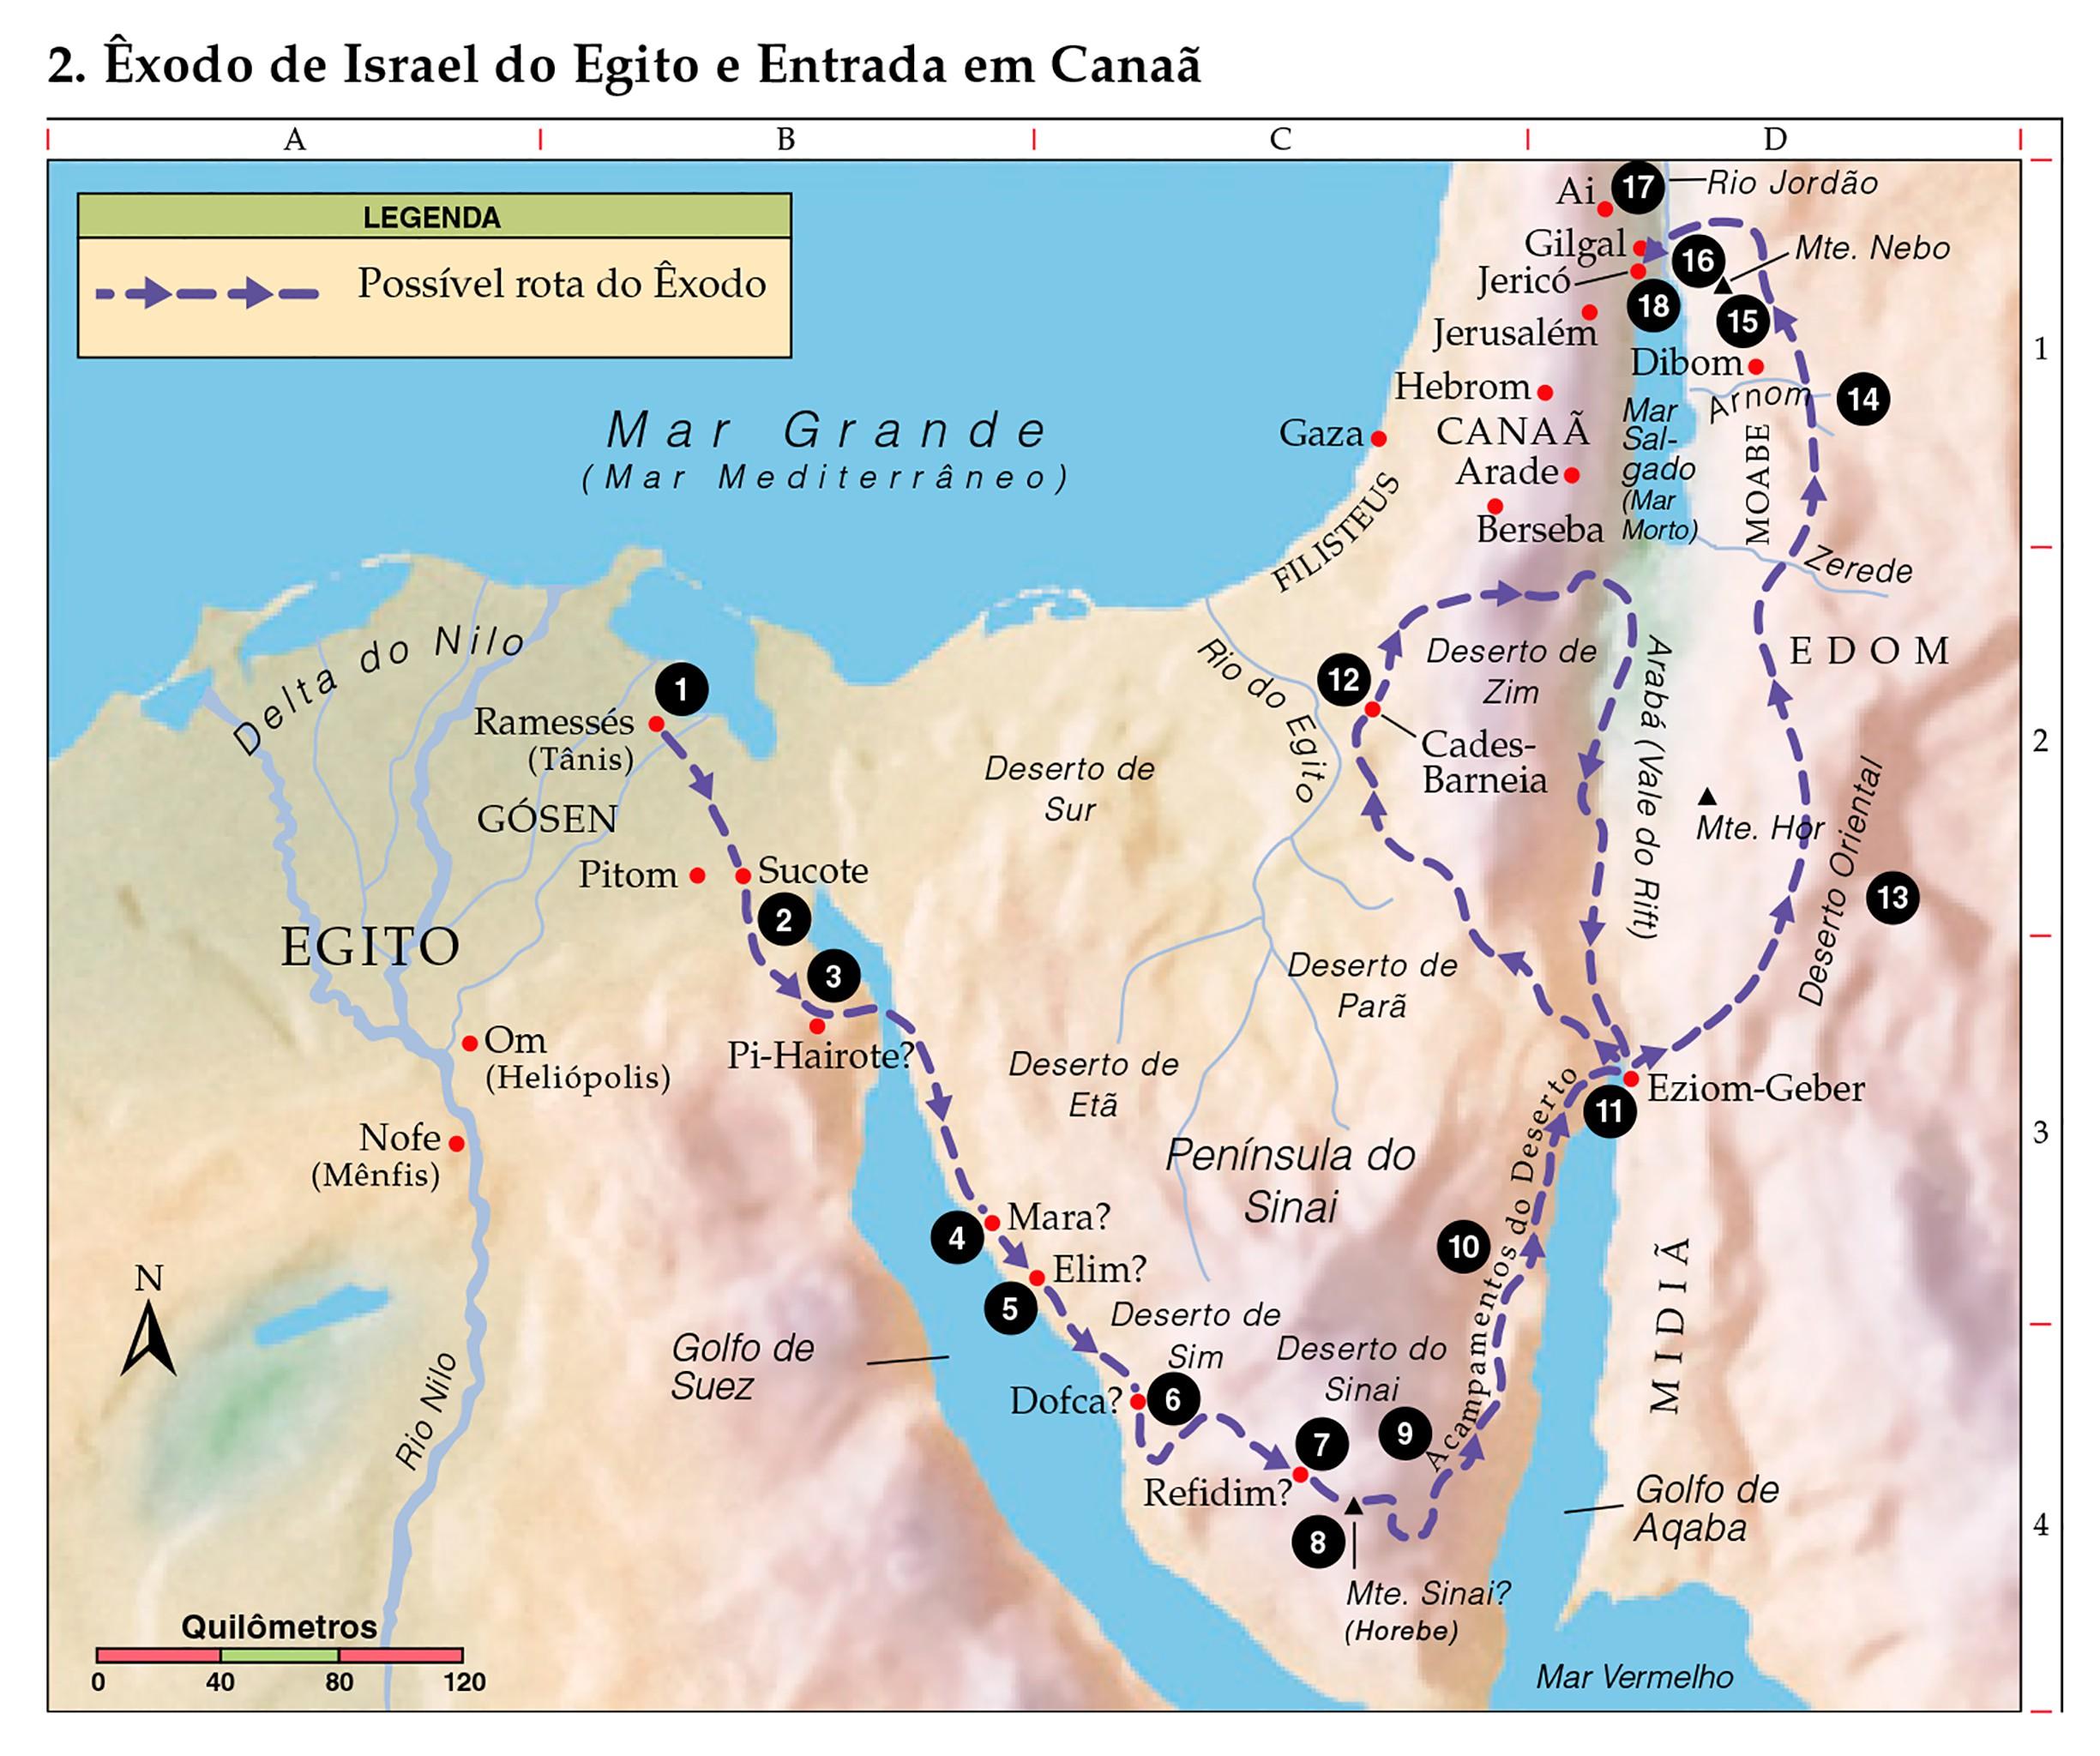 Mapa Êxodo de Israel do Egito e entrada em Canaã